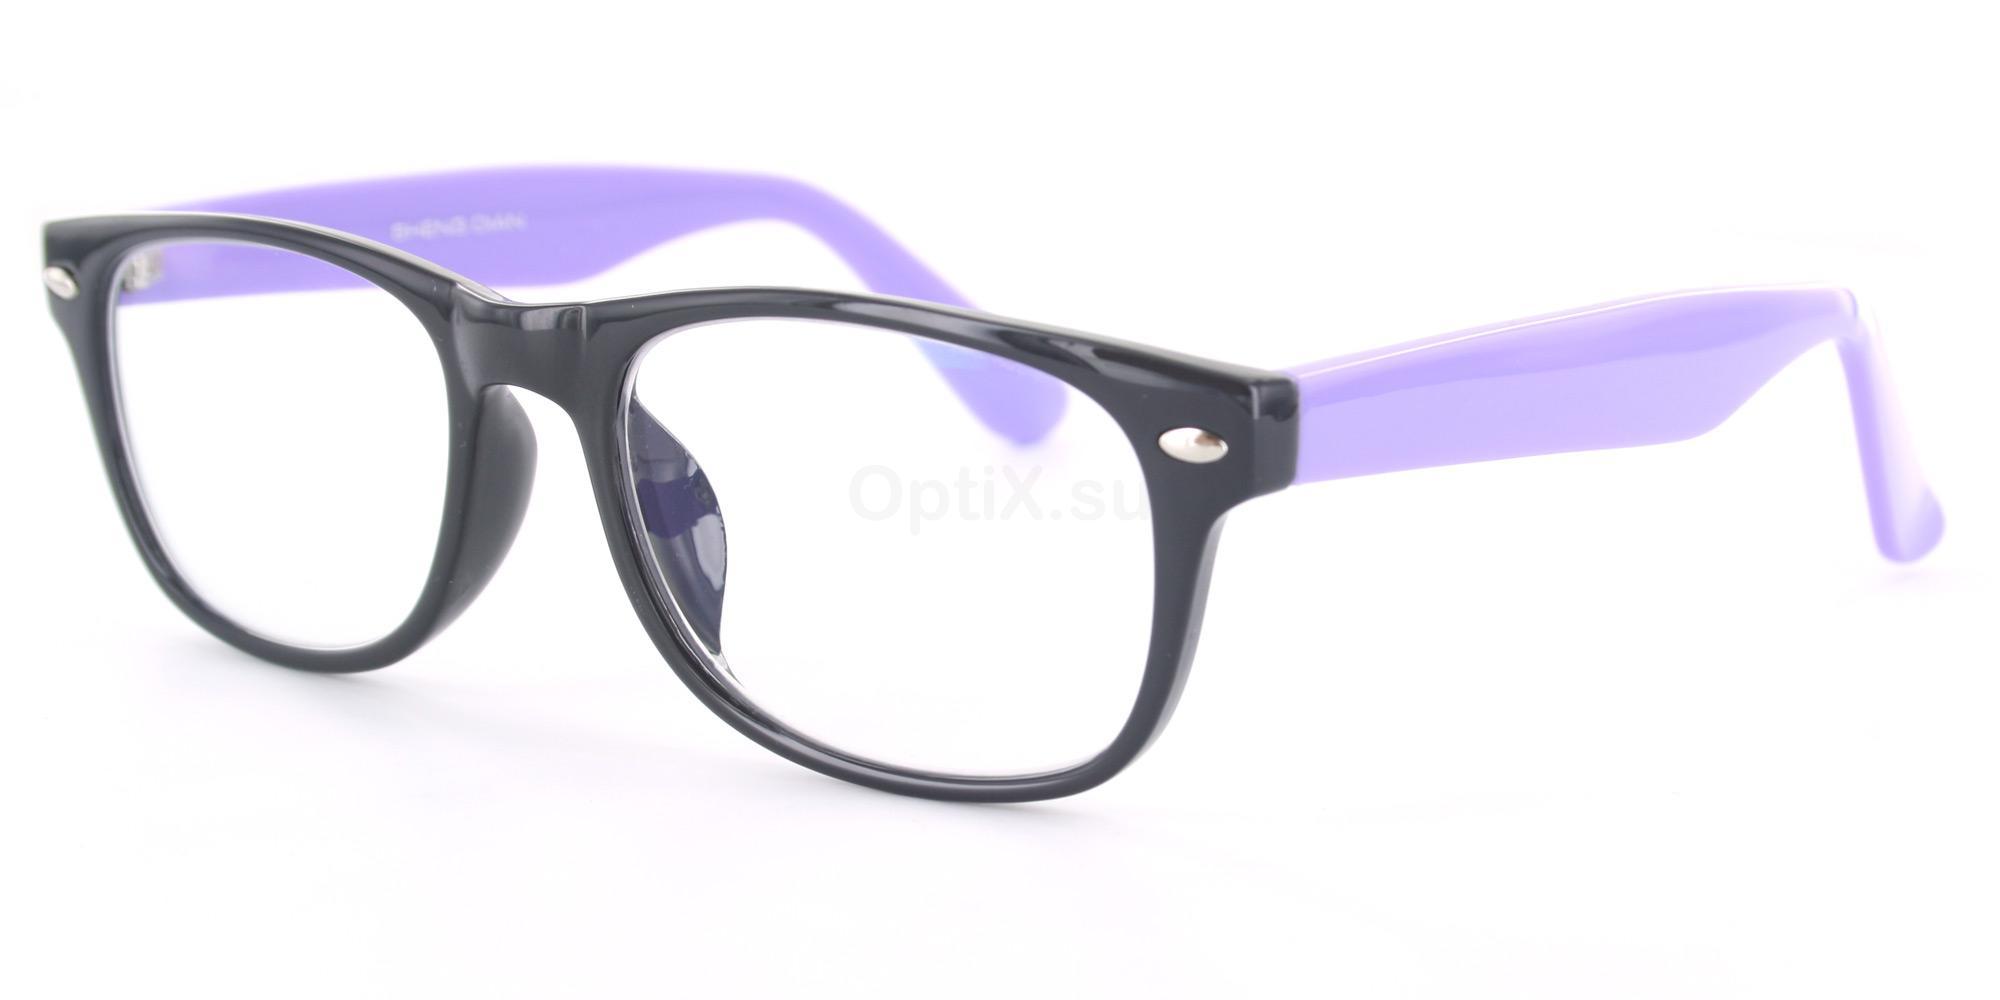 C90 P2383 - Black and Purple , Savannah